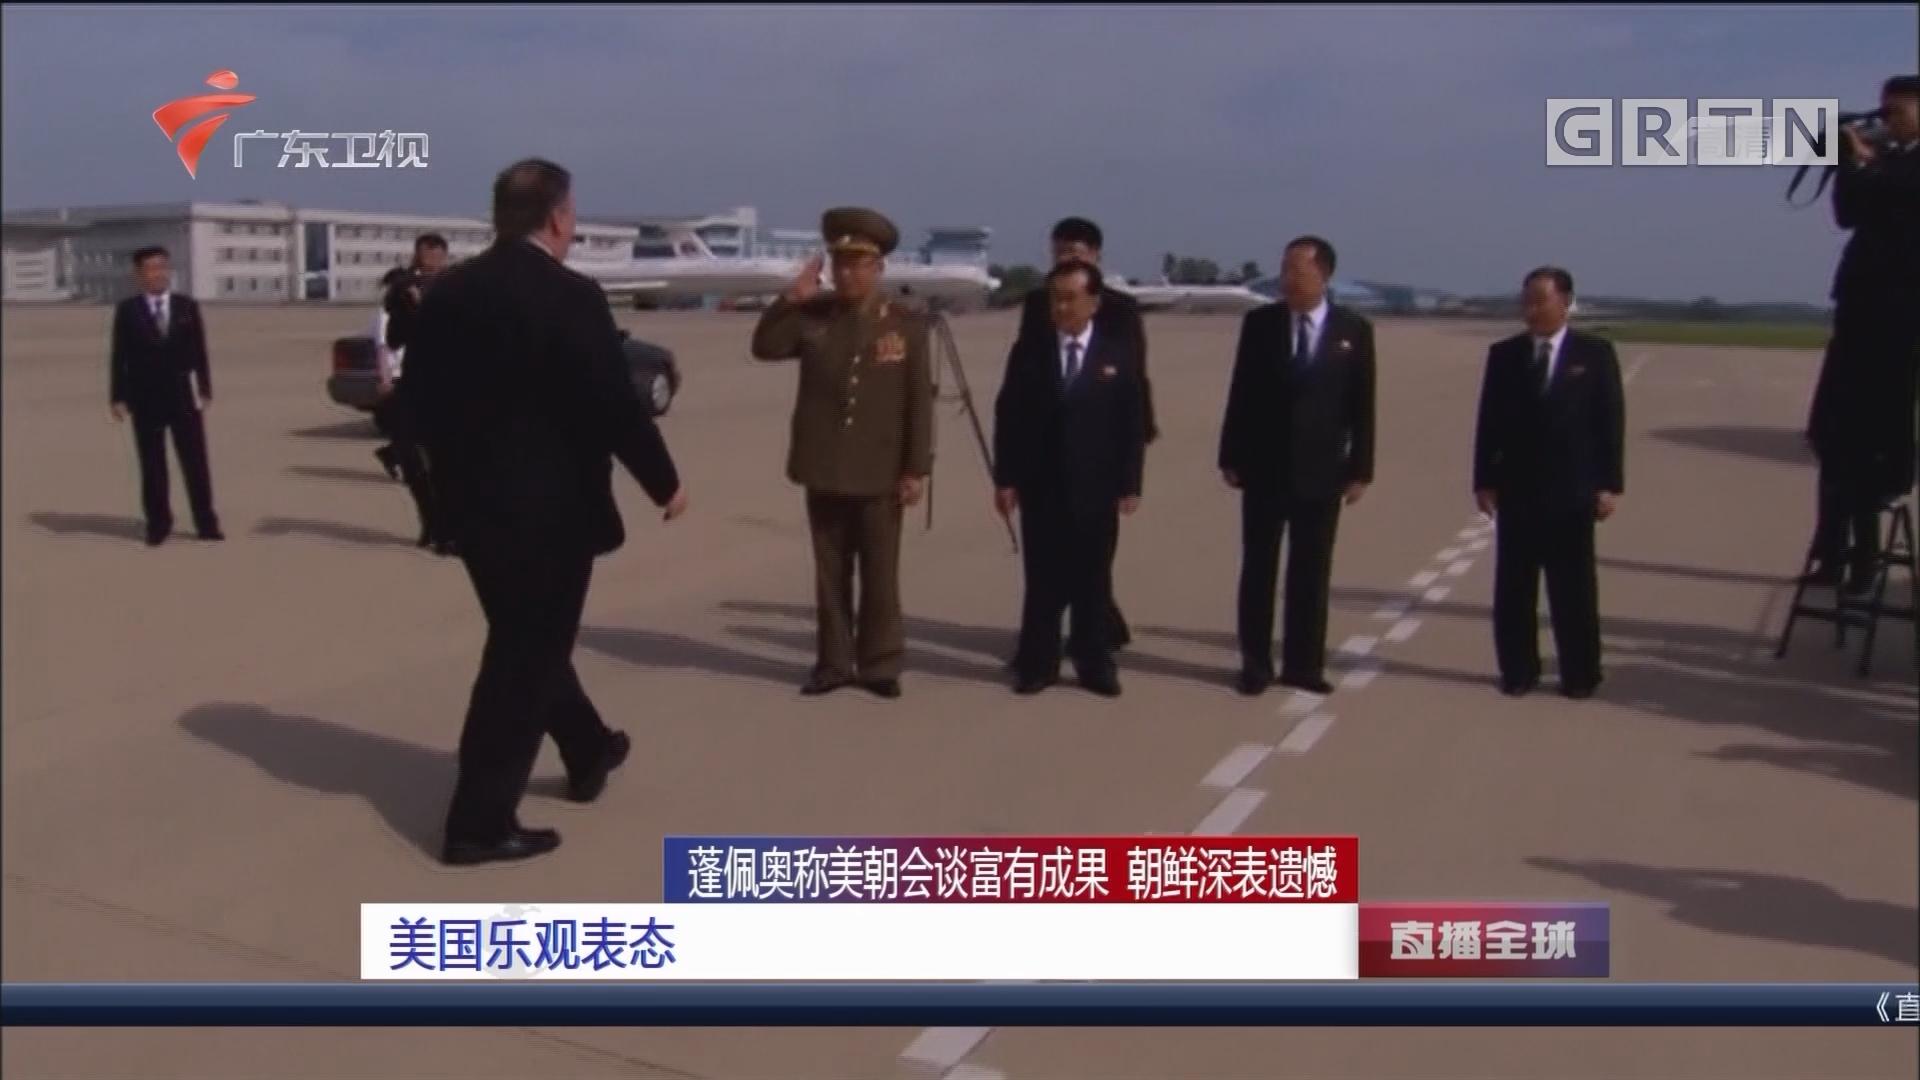 蓬佩奥称美朝会谈富有成果 朝鲜深表遗憾:美国乐观表态